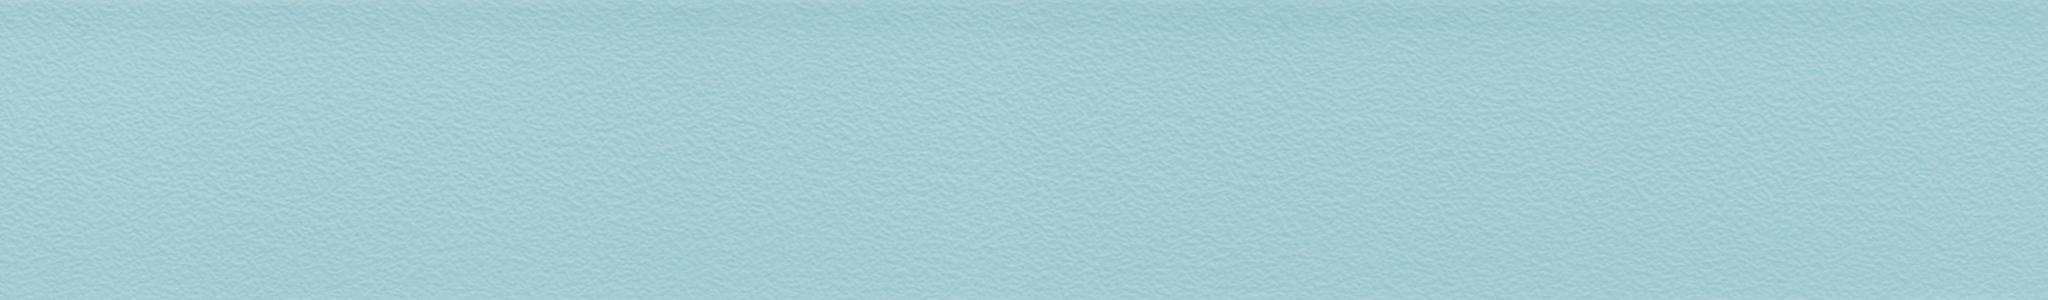 HU 15079 ABS hrana modrá perla XG